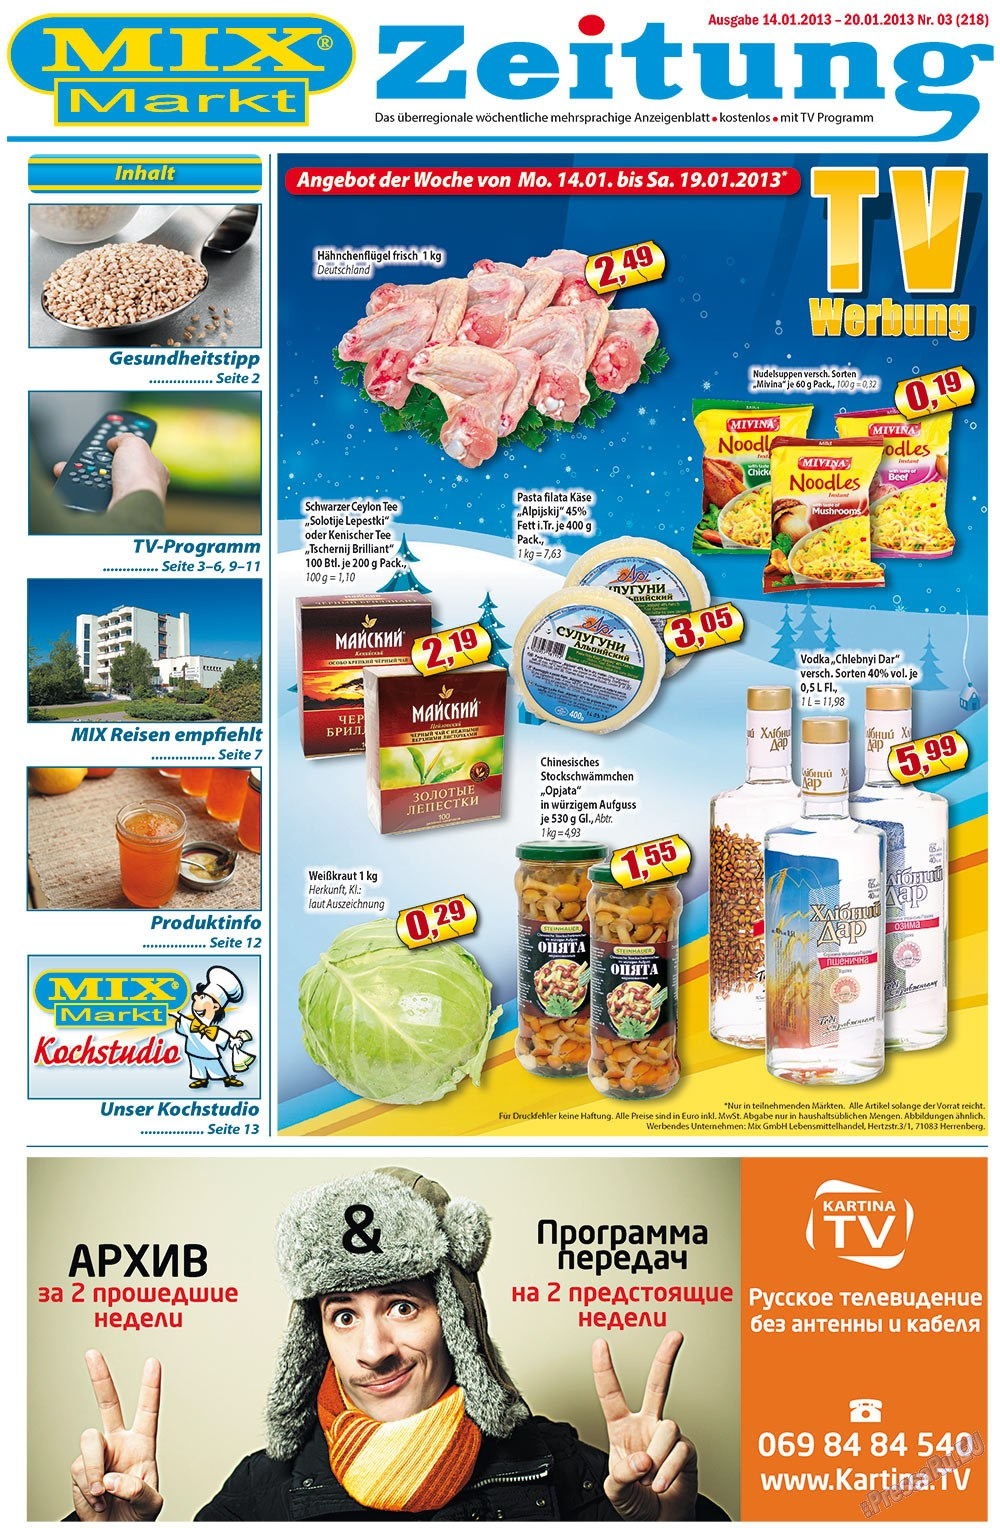 MIX-Markt Zeitung (газета). 2013 год, номер 3, стр. 1